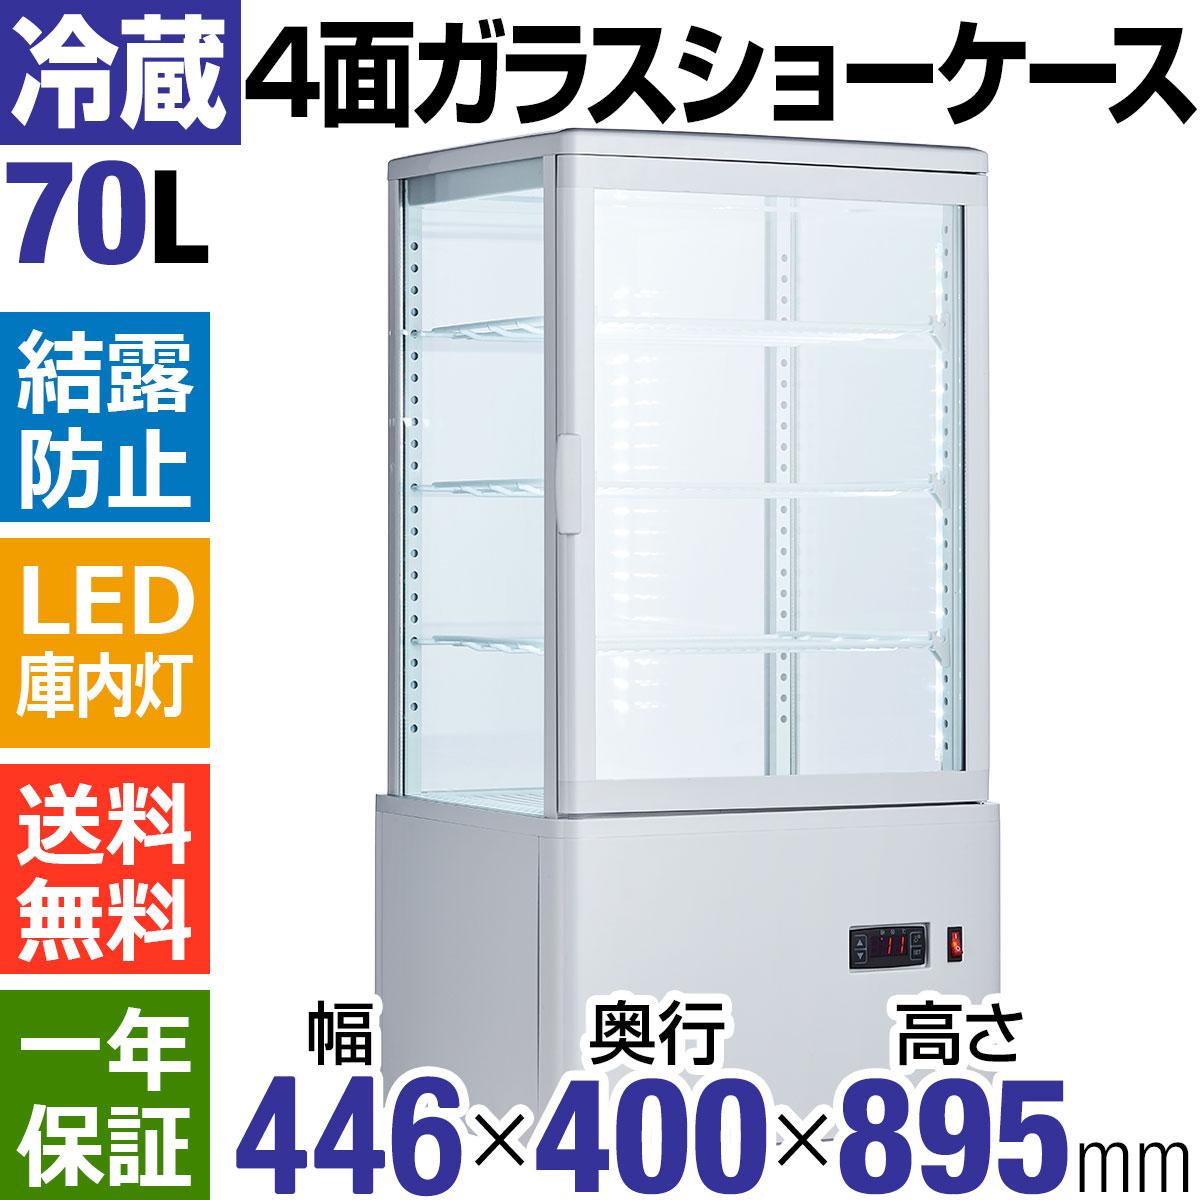 【増税還元セール】【10台限定特別価額】業務用 冷蔵ショーケース70L/ホワイト【HJR-FG70SWT】冷蔵庫 4面ガラス冷蔵ショーケース 大型 送料無料 フリーザー ショーケース